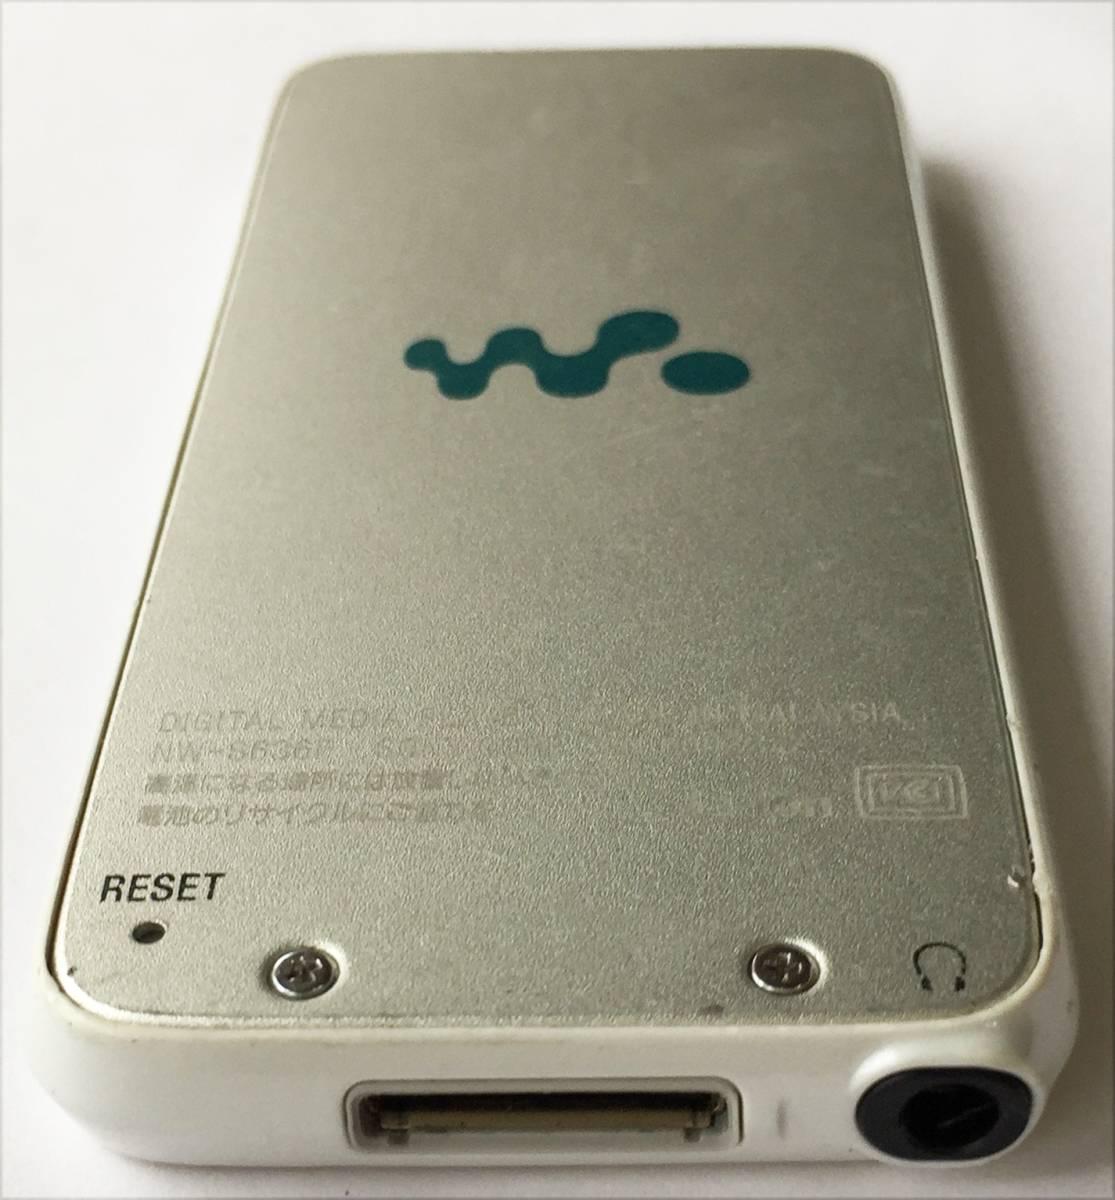 【SONY】デジタルウォークマン NW-S636F(4GB)ホワイト:送料164円_画像3